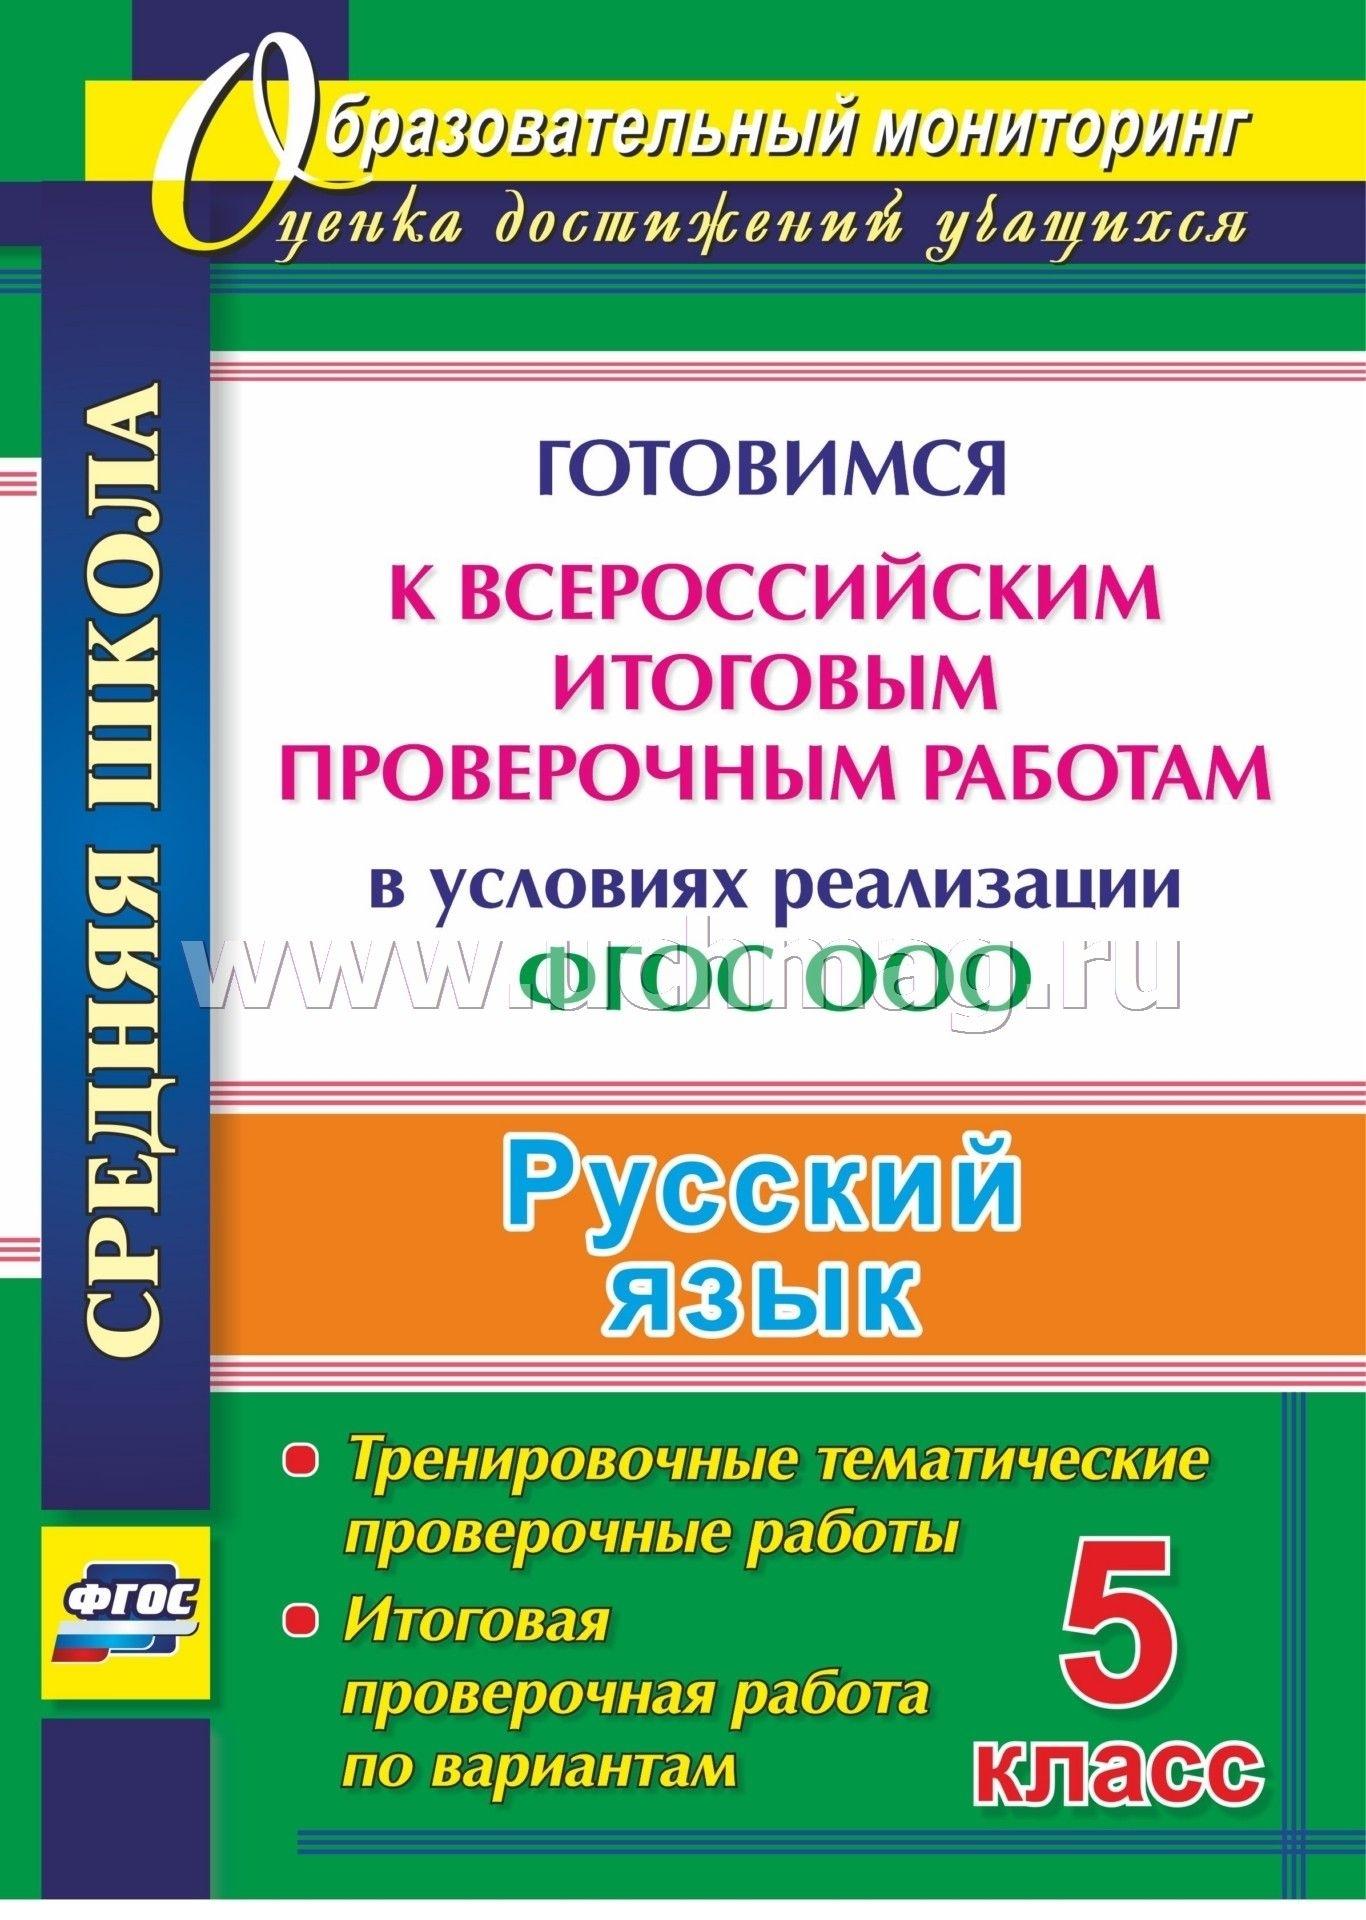 Русский Язык. 5 Класс. Готовимся К Всероссийским Итоговым Проверочным  Работам В Условиях Реализации Фгос Ооо: Тренировочные Тематические  Проверочные